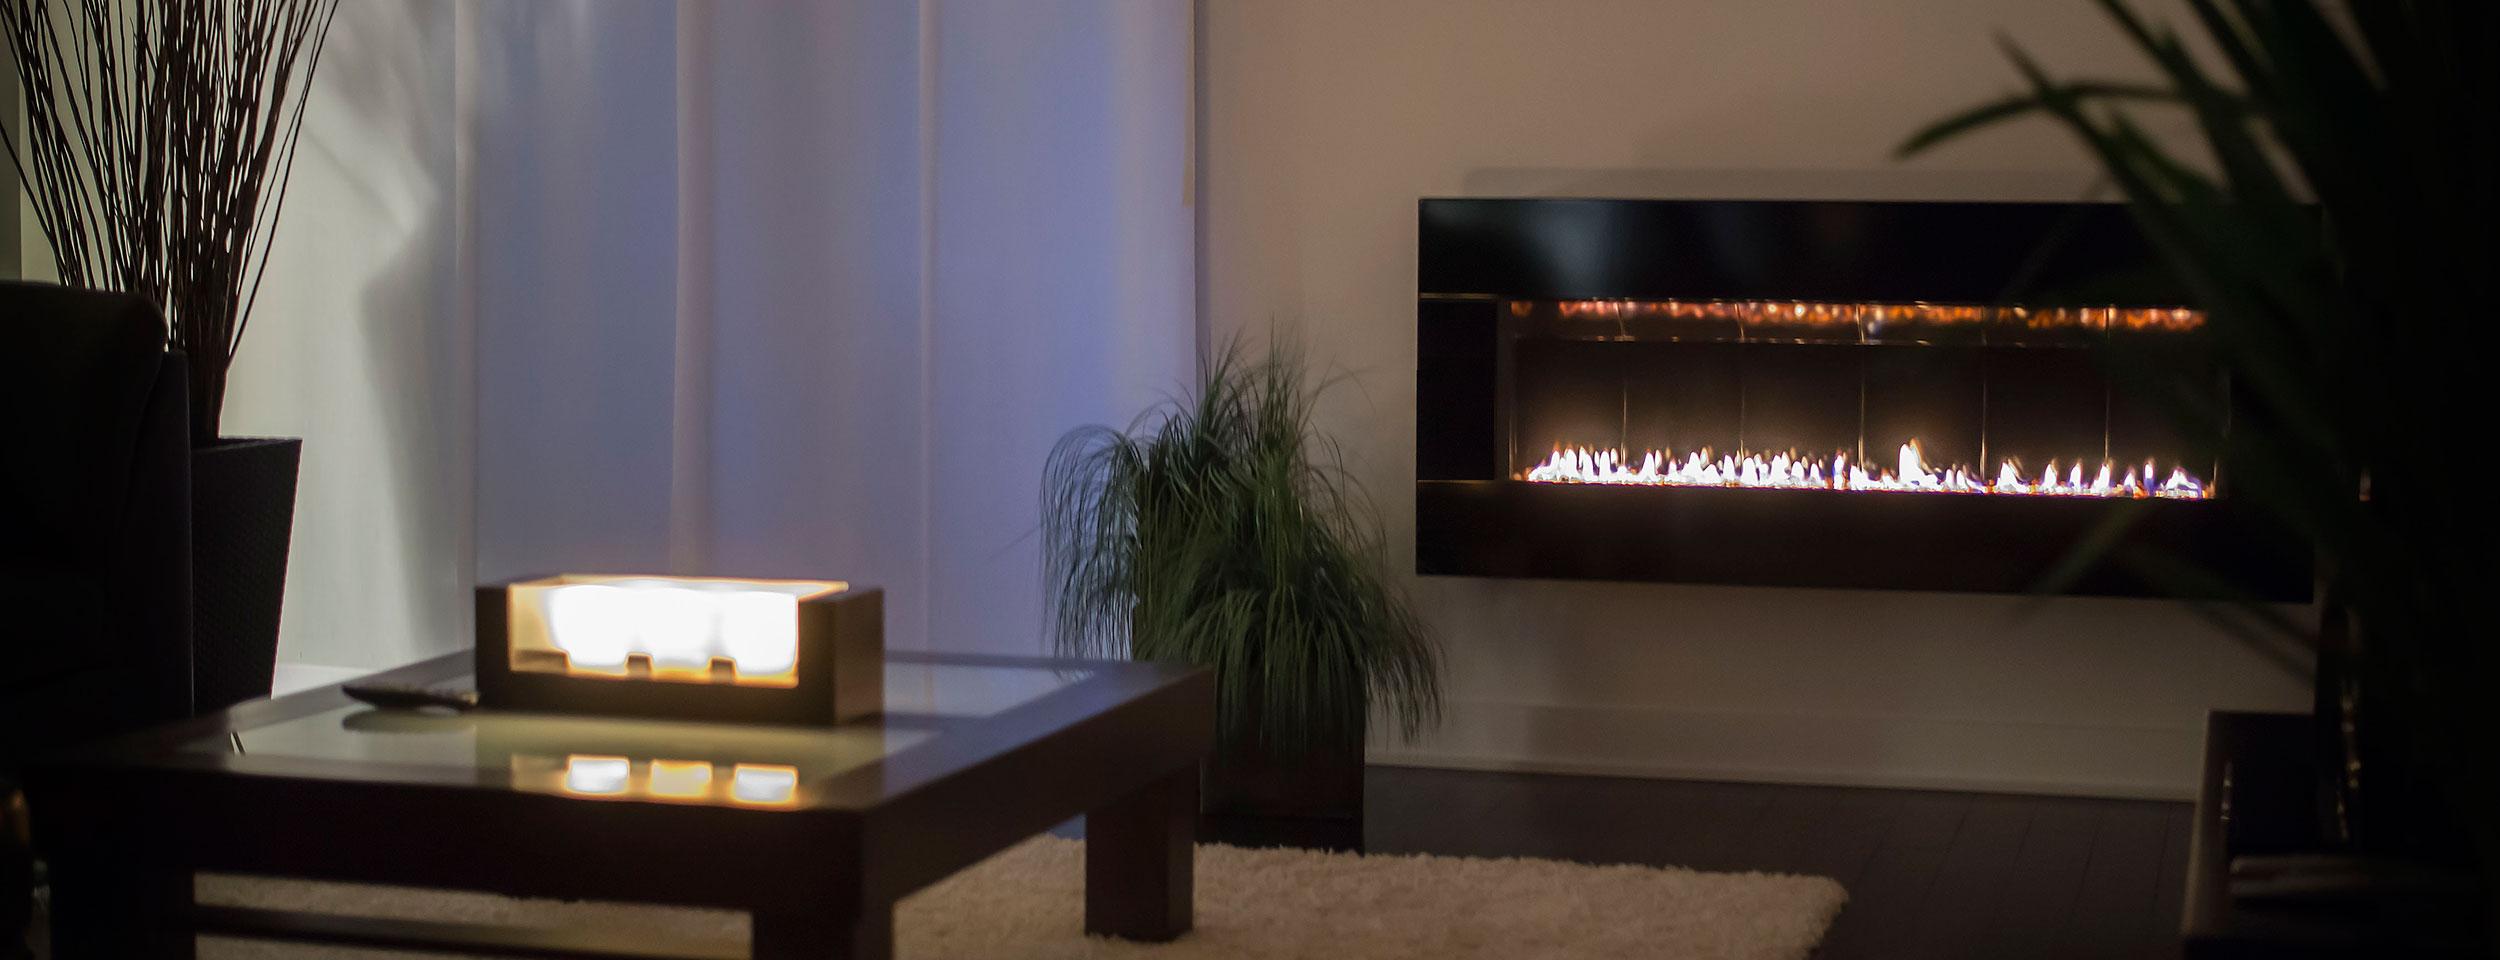 Au Foyer Décor Valenciennes : Accueil décor chaleur laurentides inc